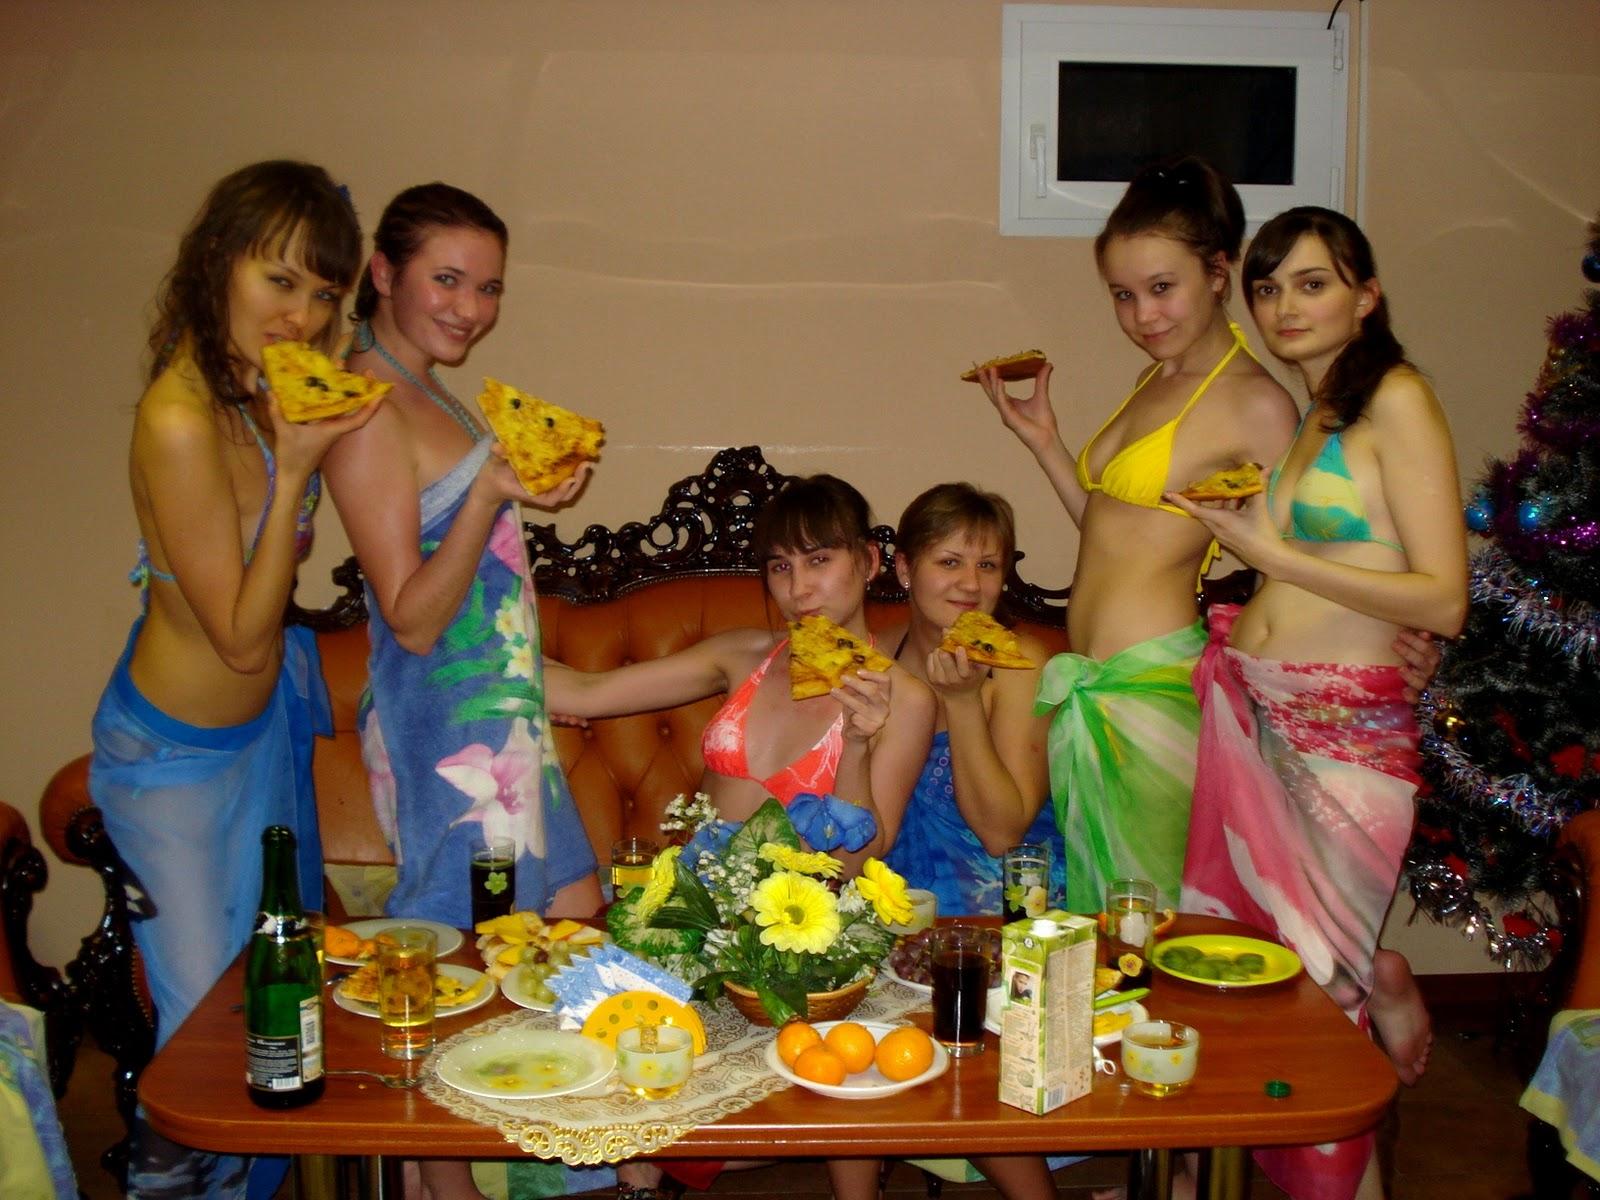 С девчонками в сауне 13 фотография